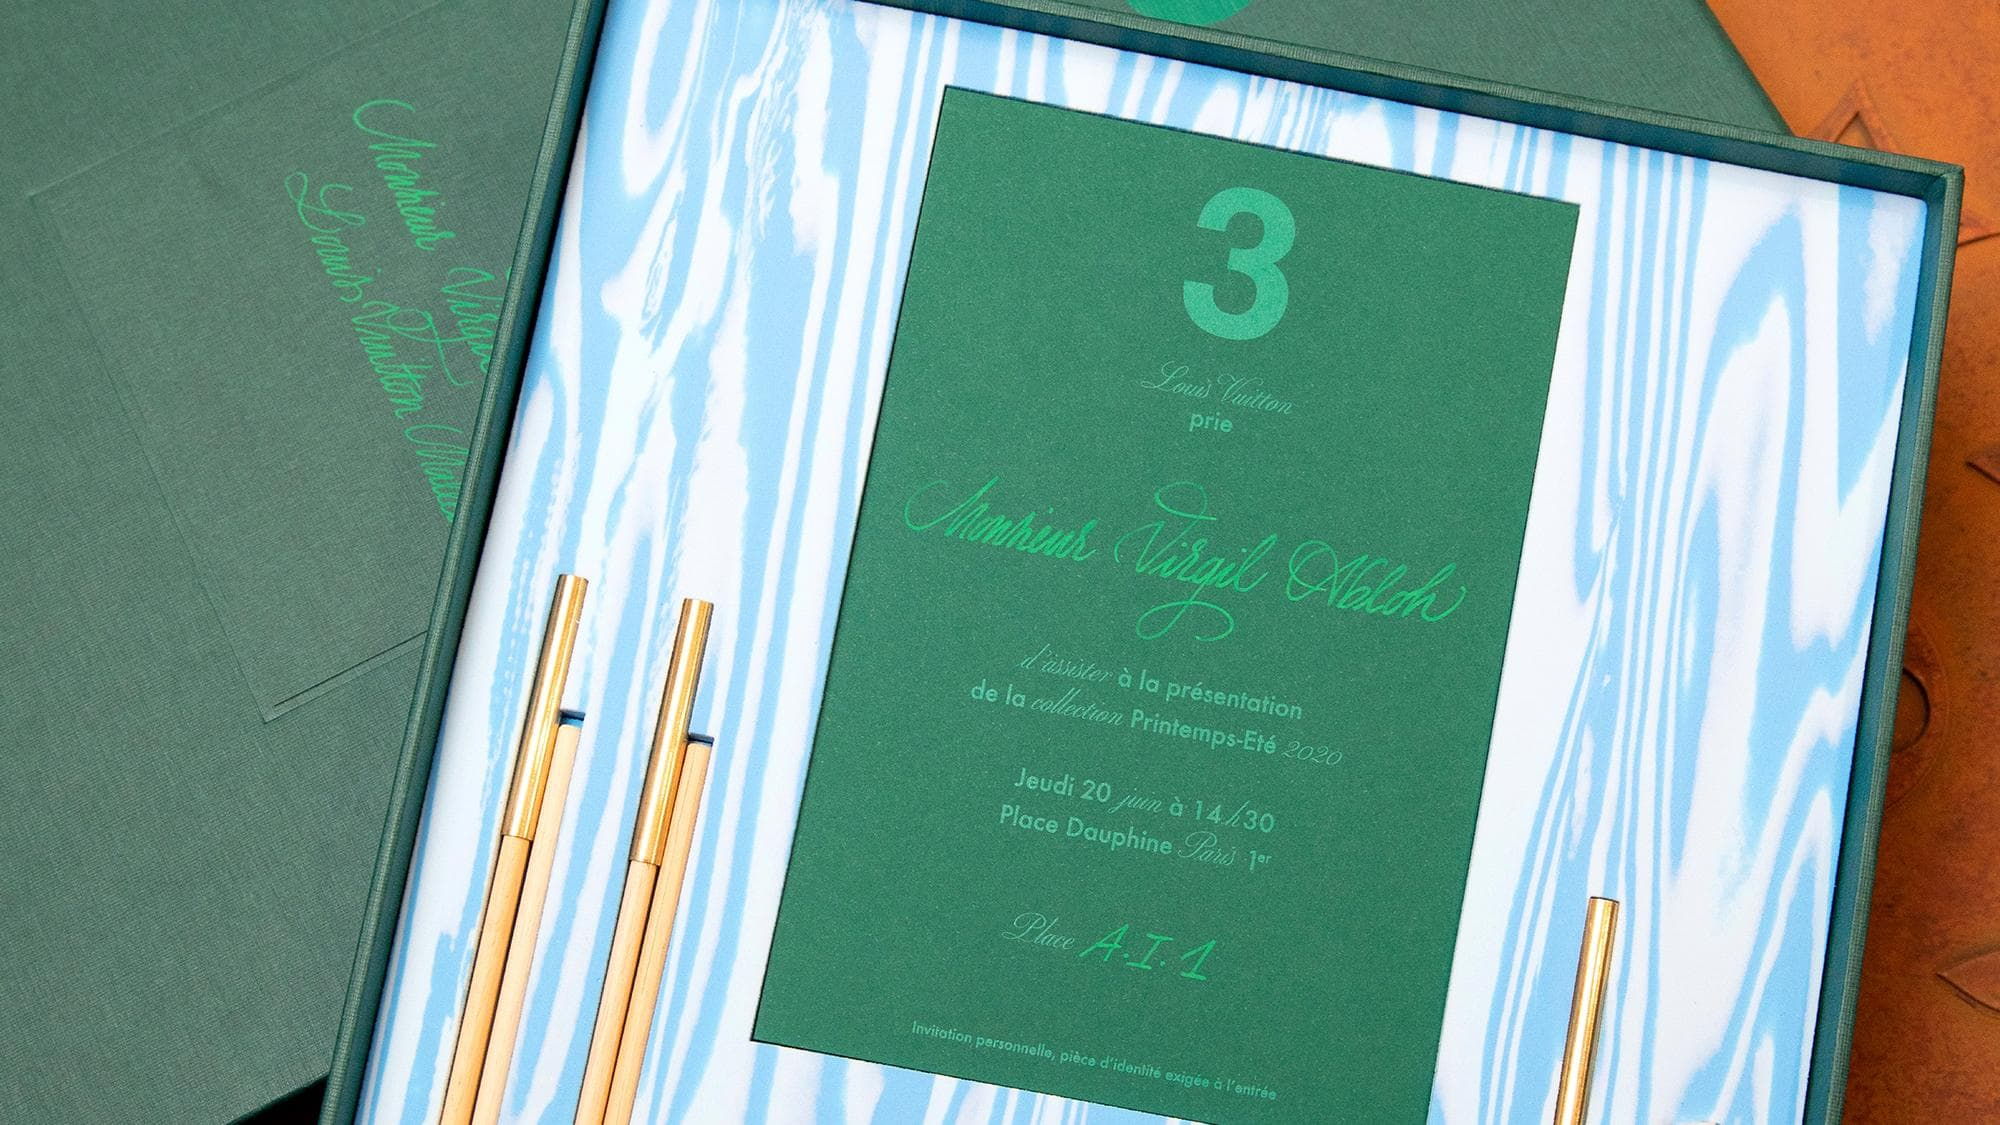 Thiệp mời tham dự buổi ra mắt BST mới của Louis Vuitton. cách tham dự tuần lễ thời trang.